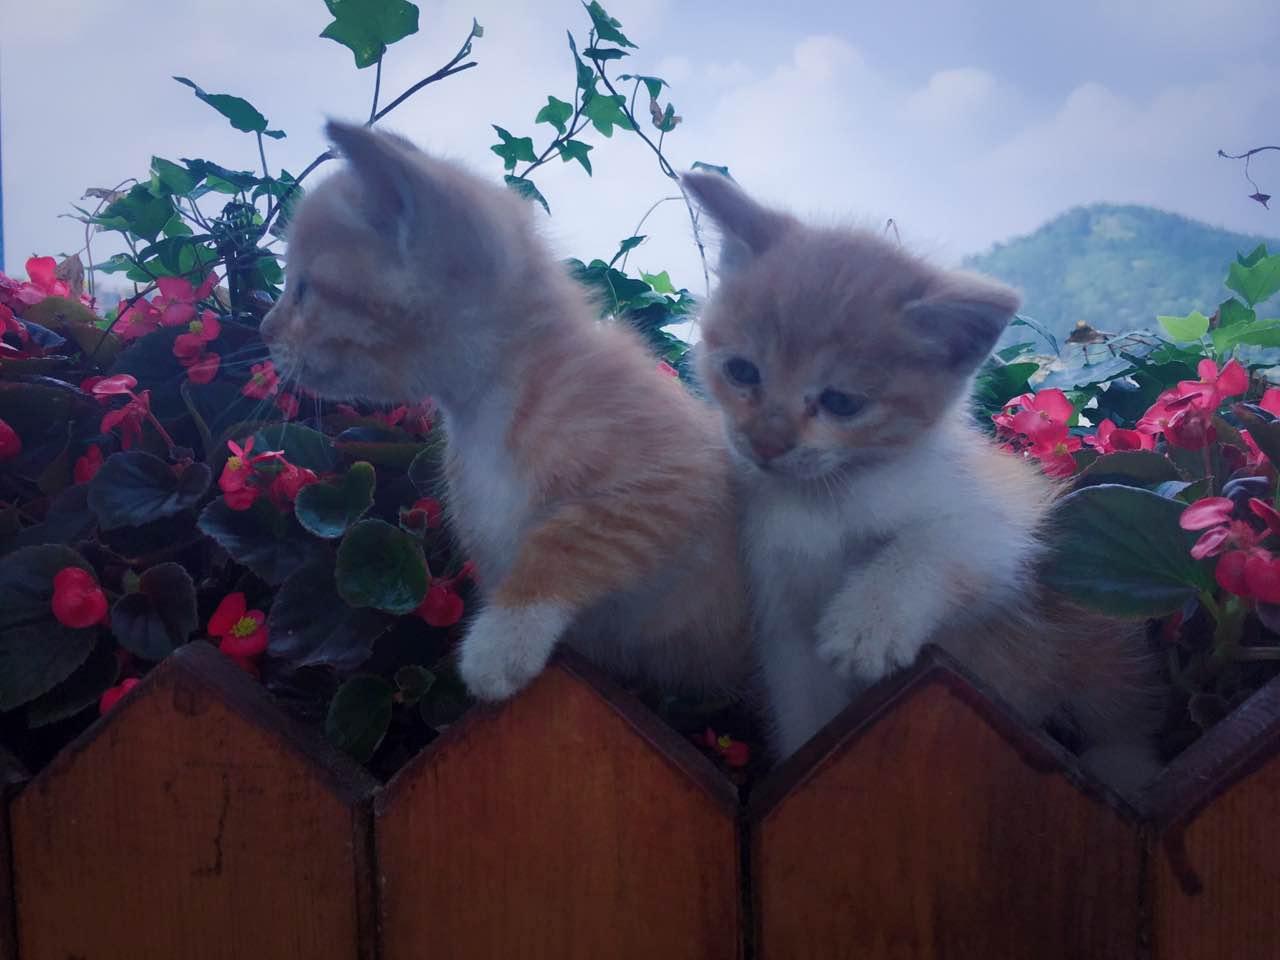 奶猫救助后放养要做哪些必要准备?